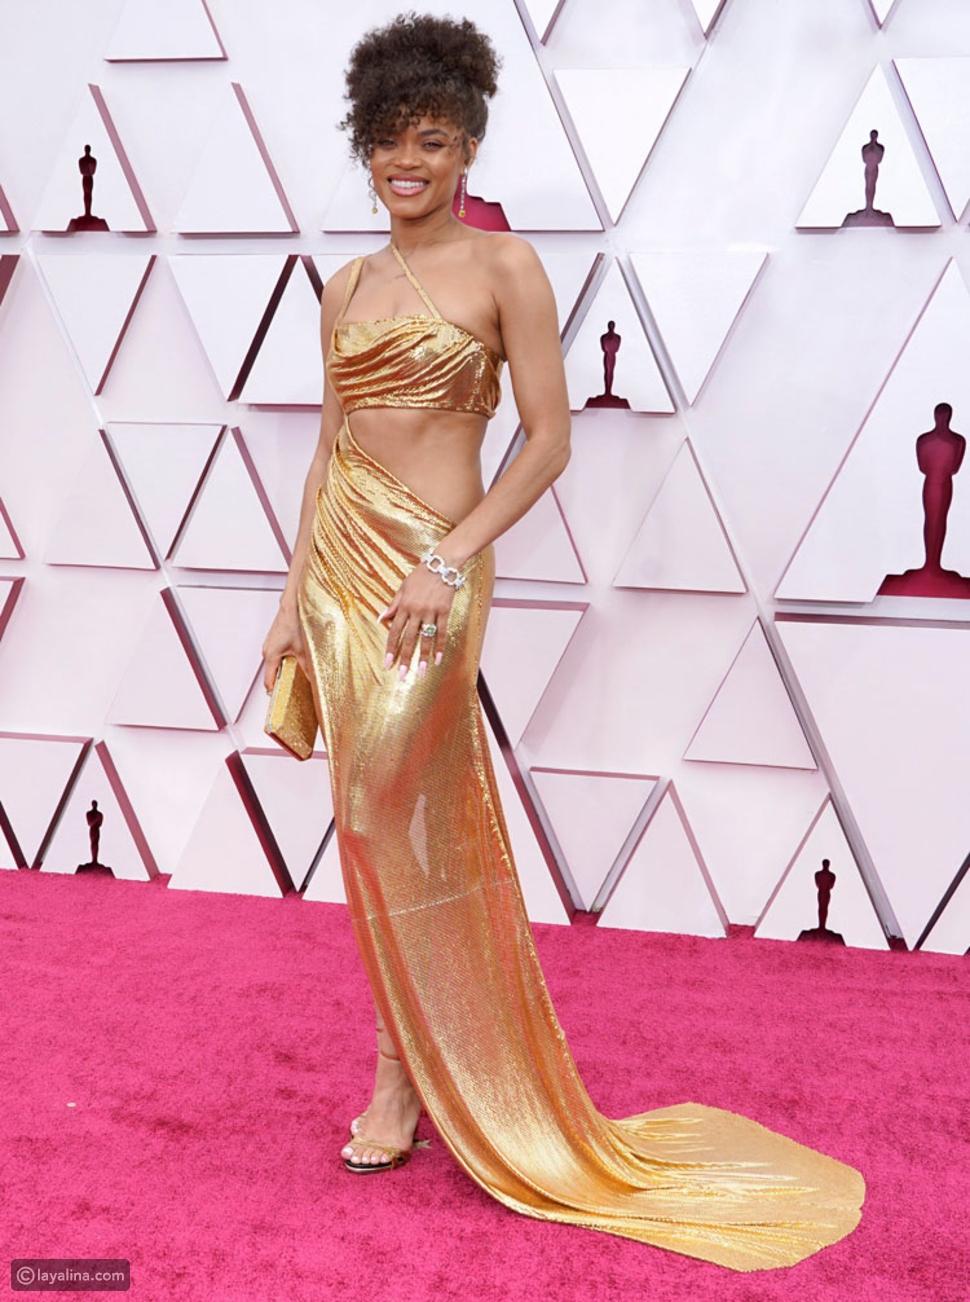 فستانأندرا دايفيحفل توزيع جوائز الأوسكار لعام 2021